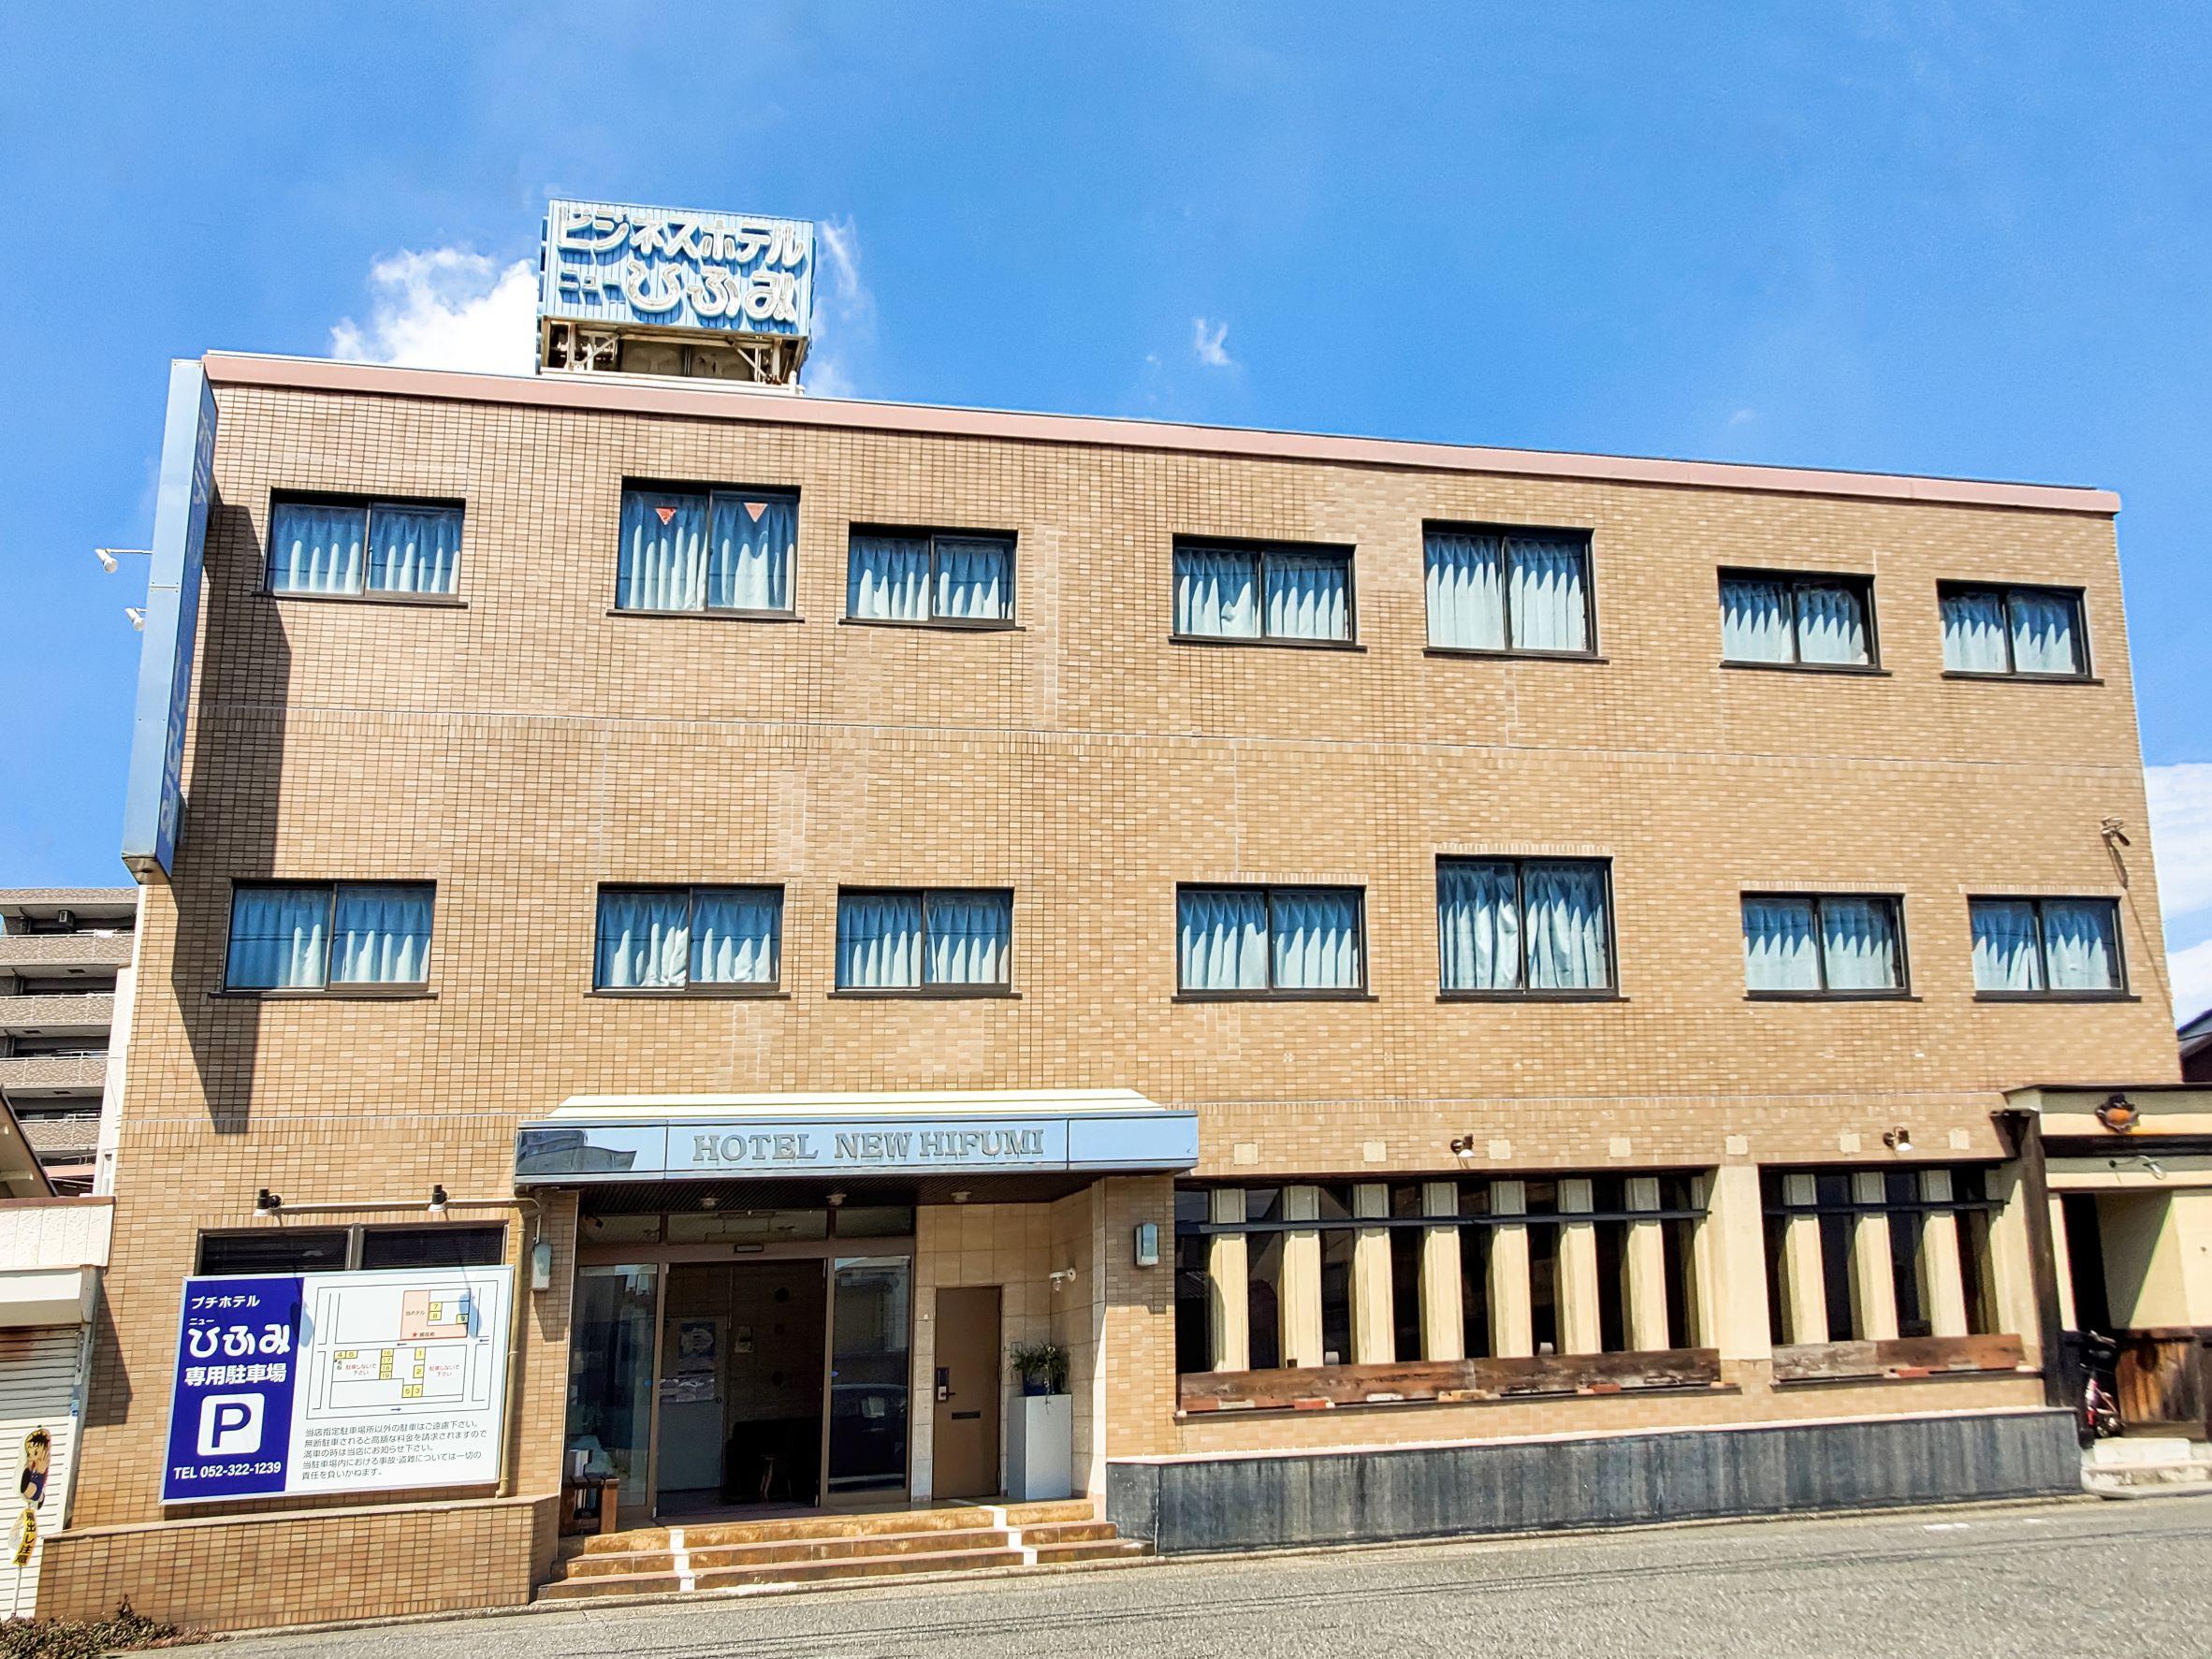 プチホテル ニューひふみ